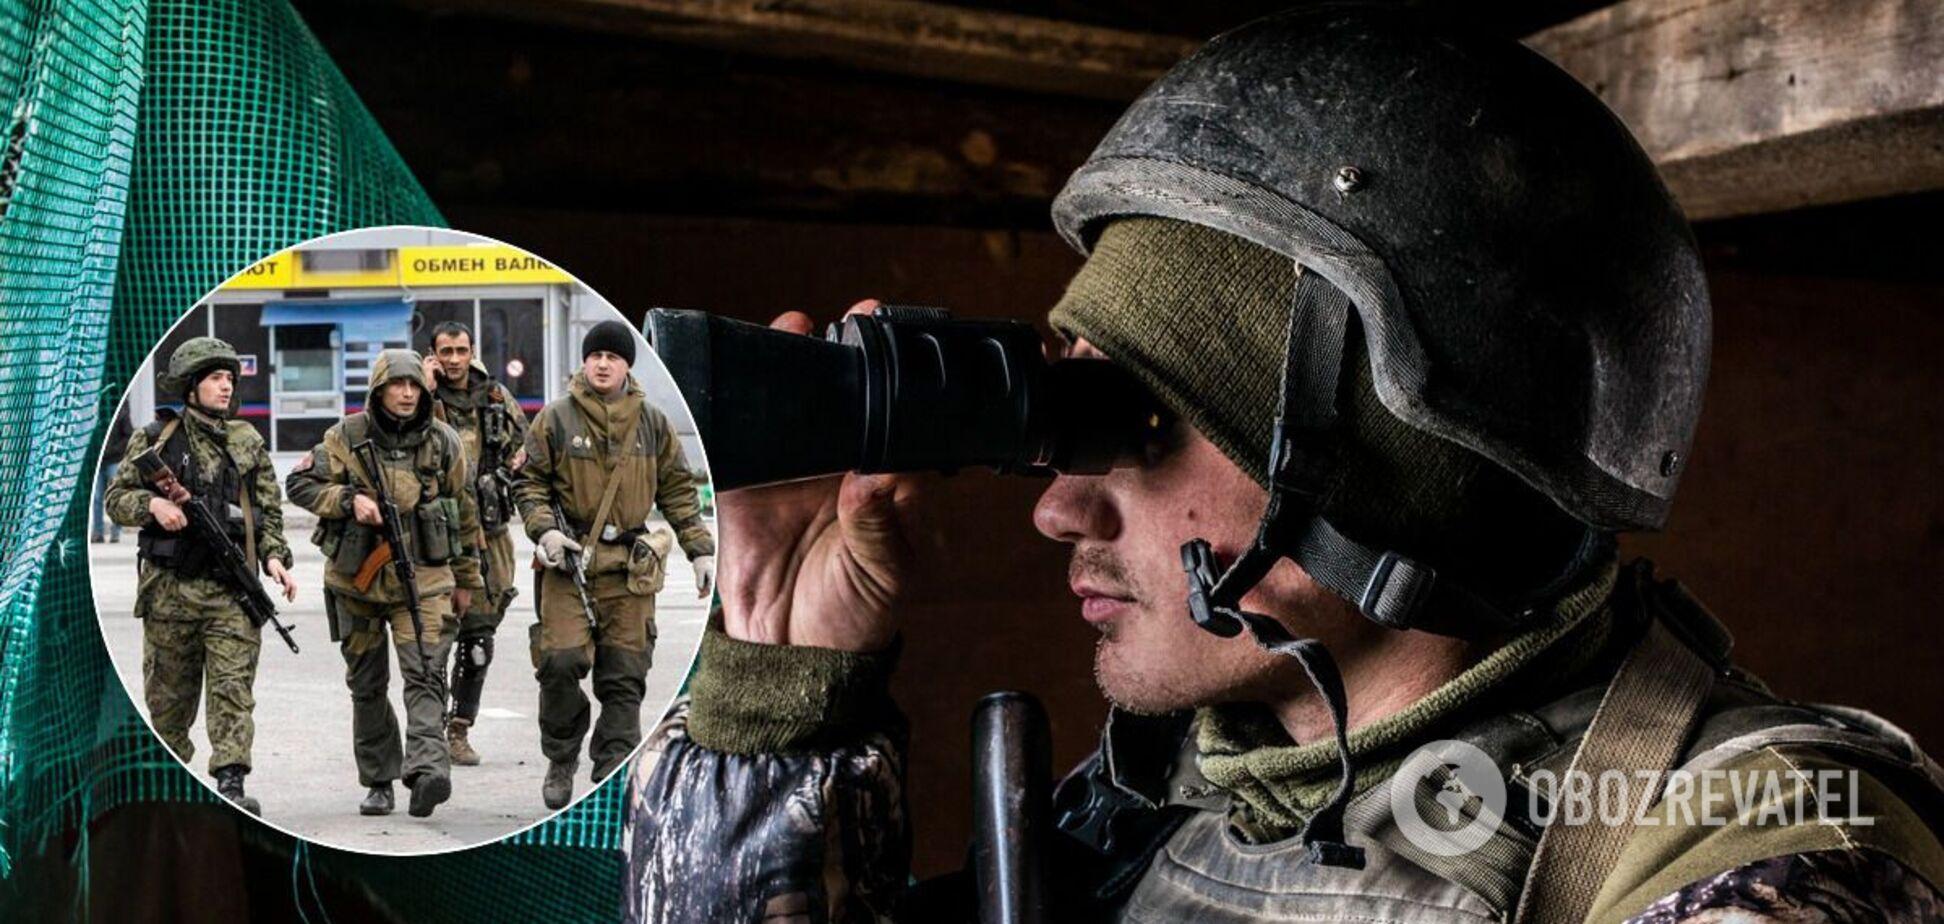 Розвідка дізналася, скільки найманців Росії воює на Донбасі